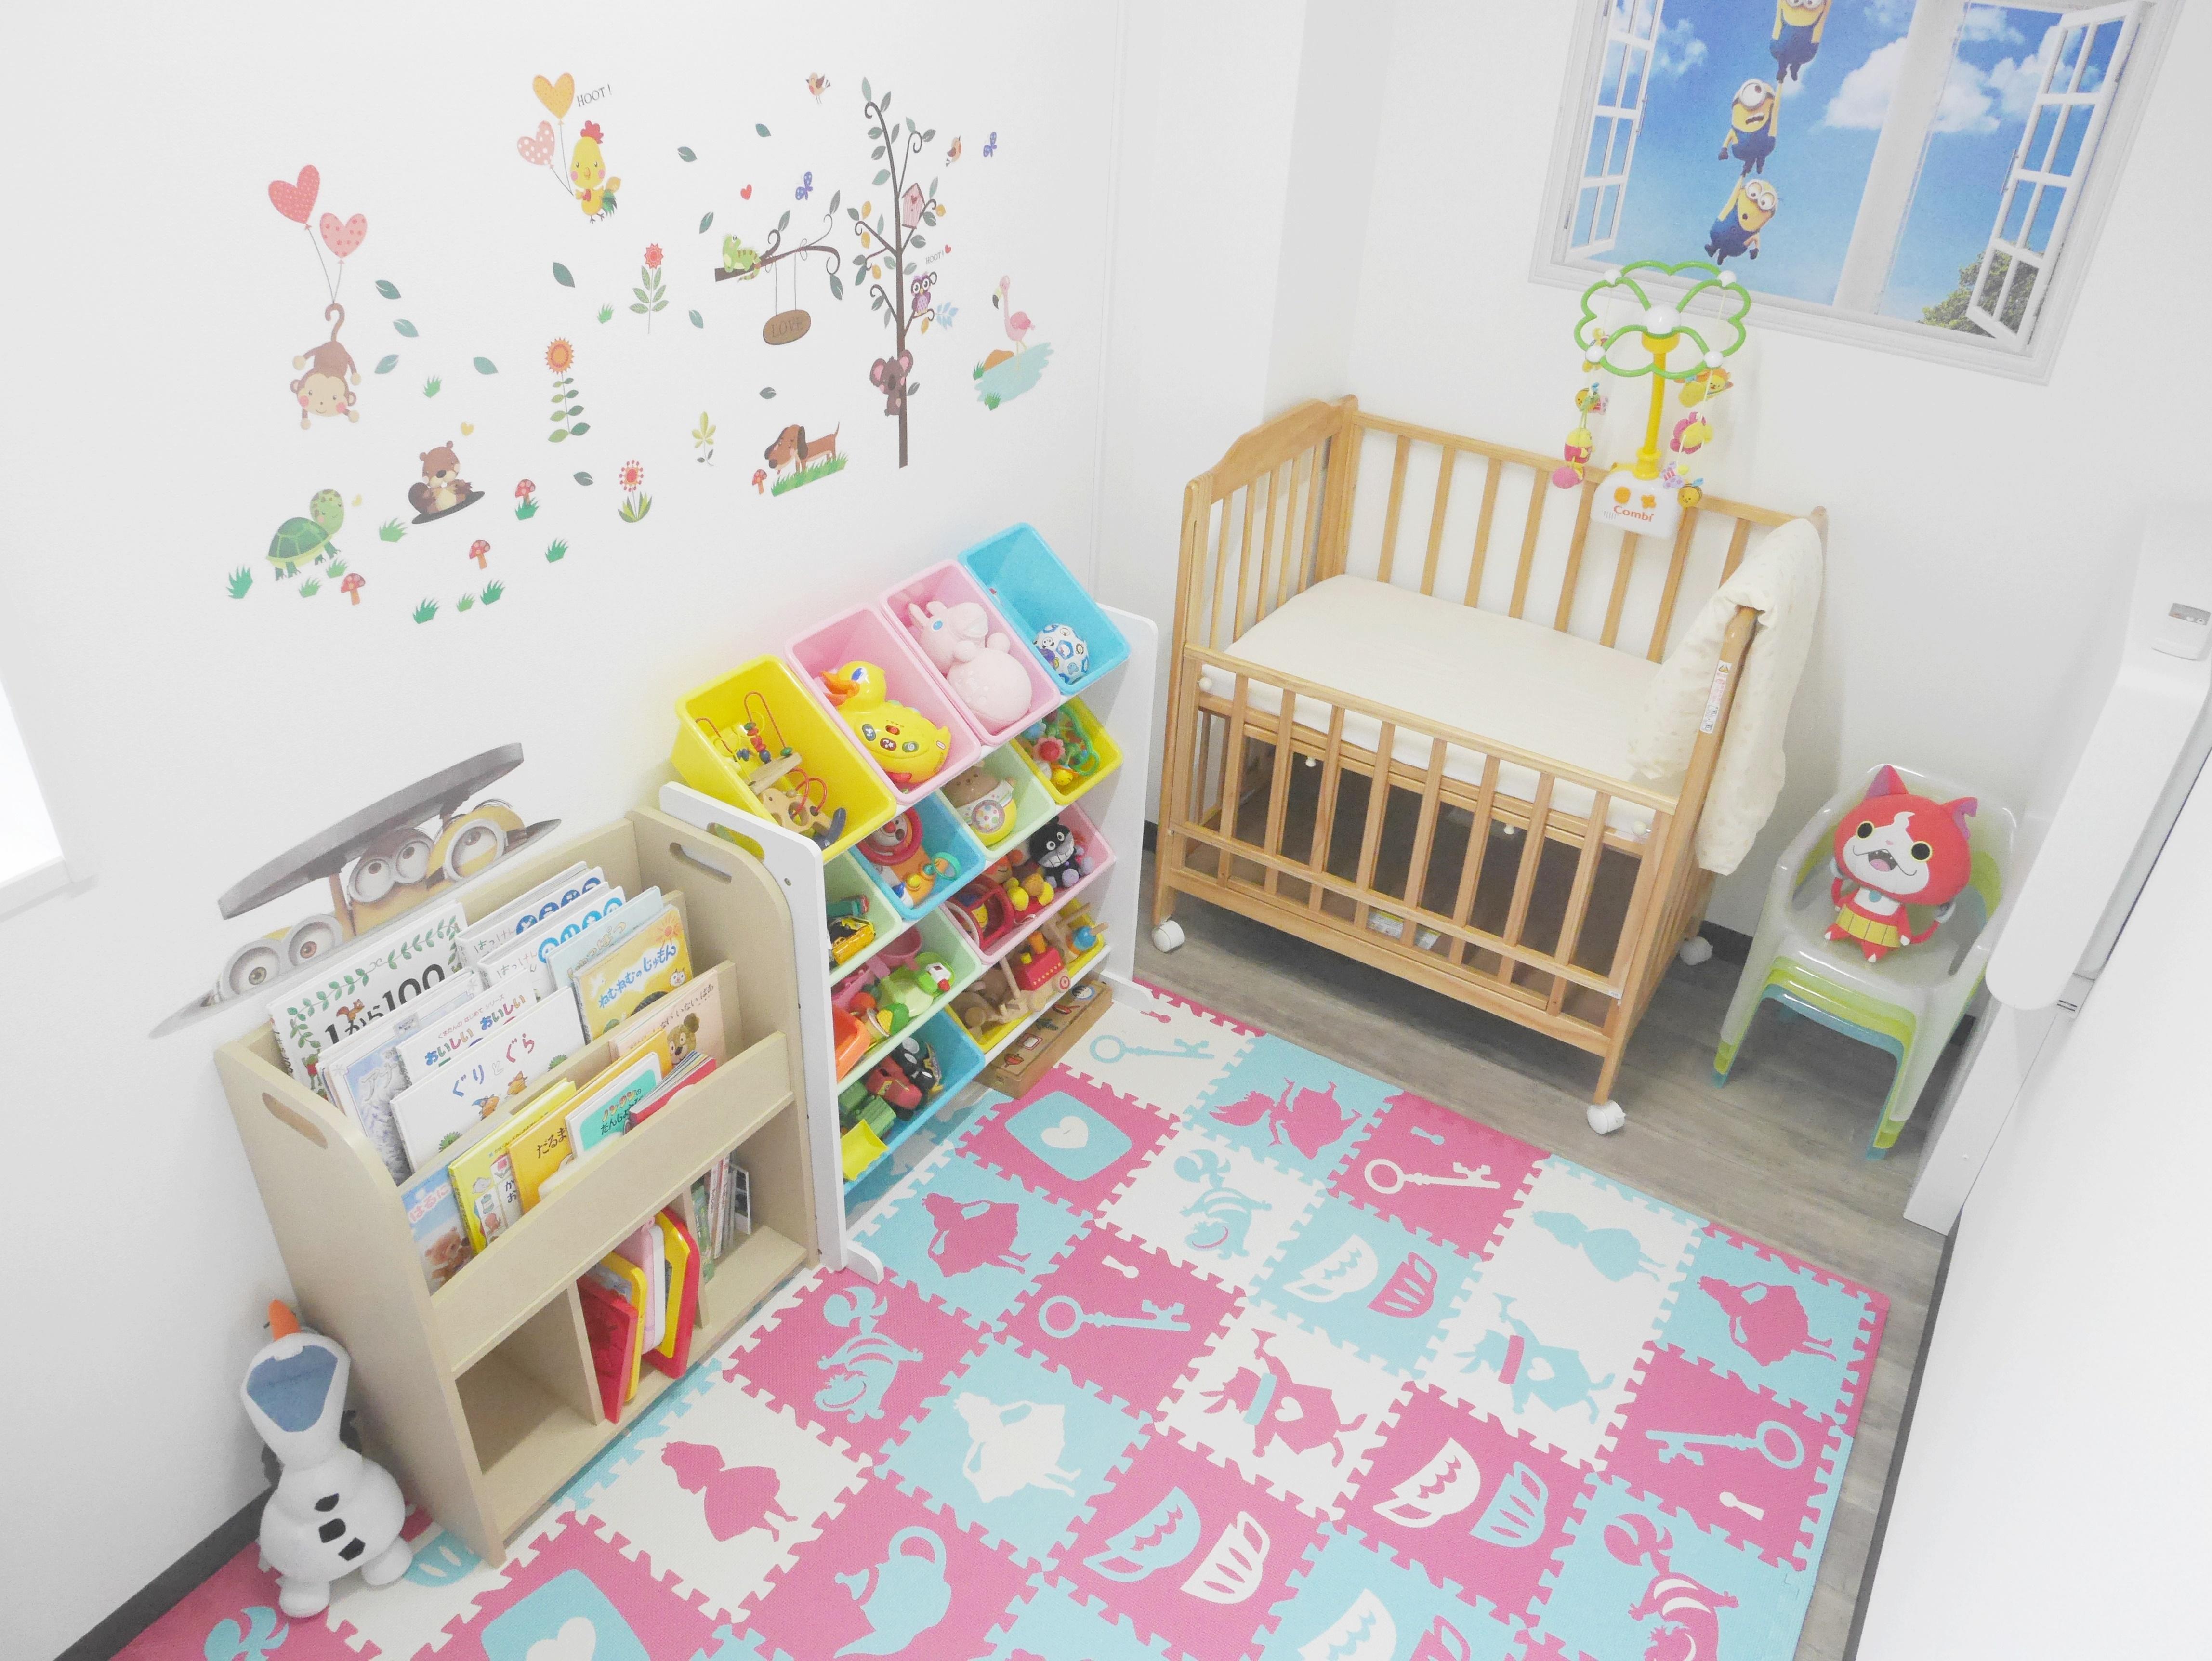 個室のキッズルームがあるのはおゆみ野、鎌取で唯一セレネ整骨院鍼灸院のみ☆